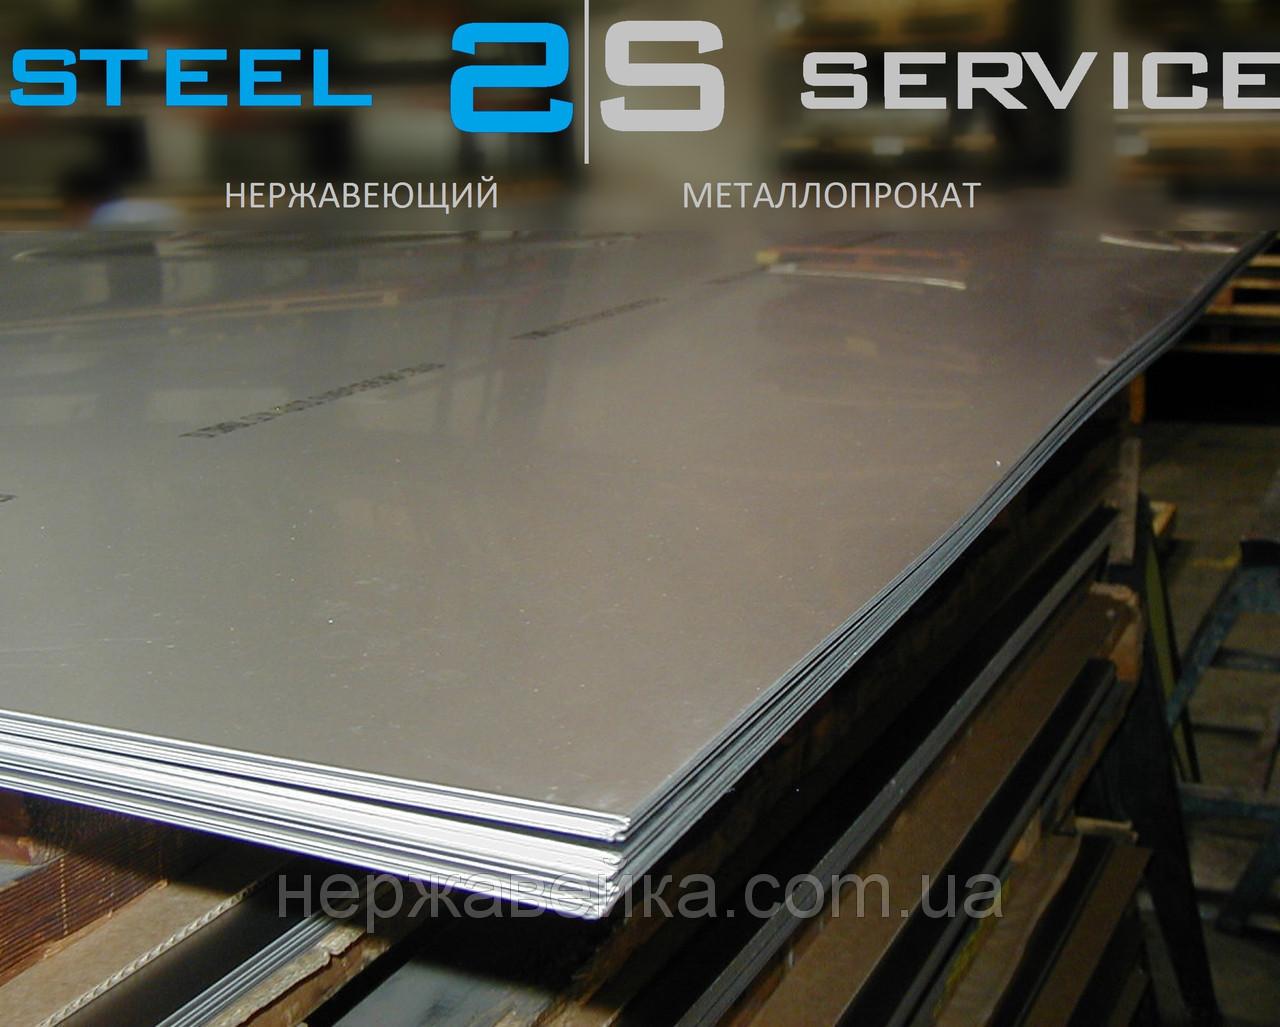 Нержавеющий лист 14х1500х3000мм  AISI 304(08Х18Н10) F1 - горячекатанный,  пищевой